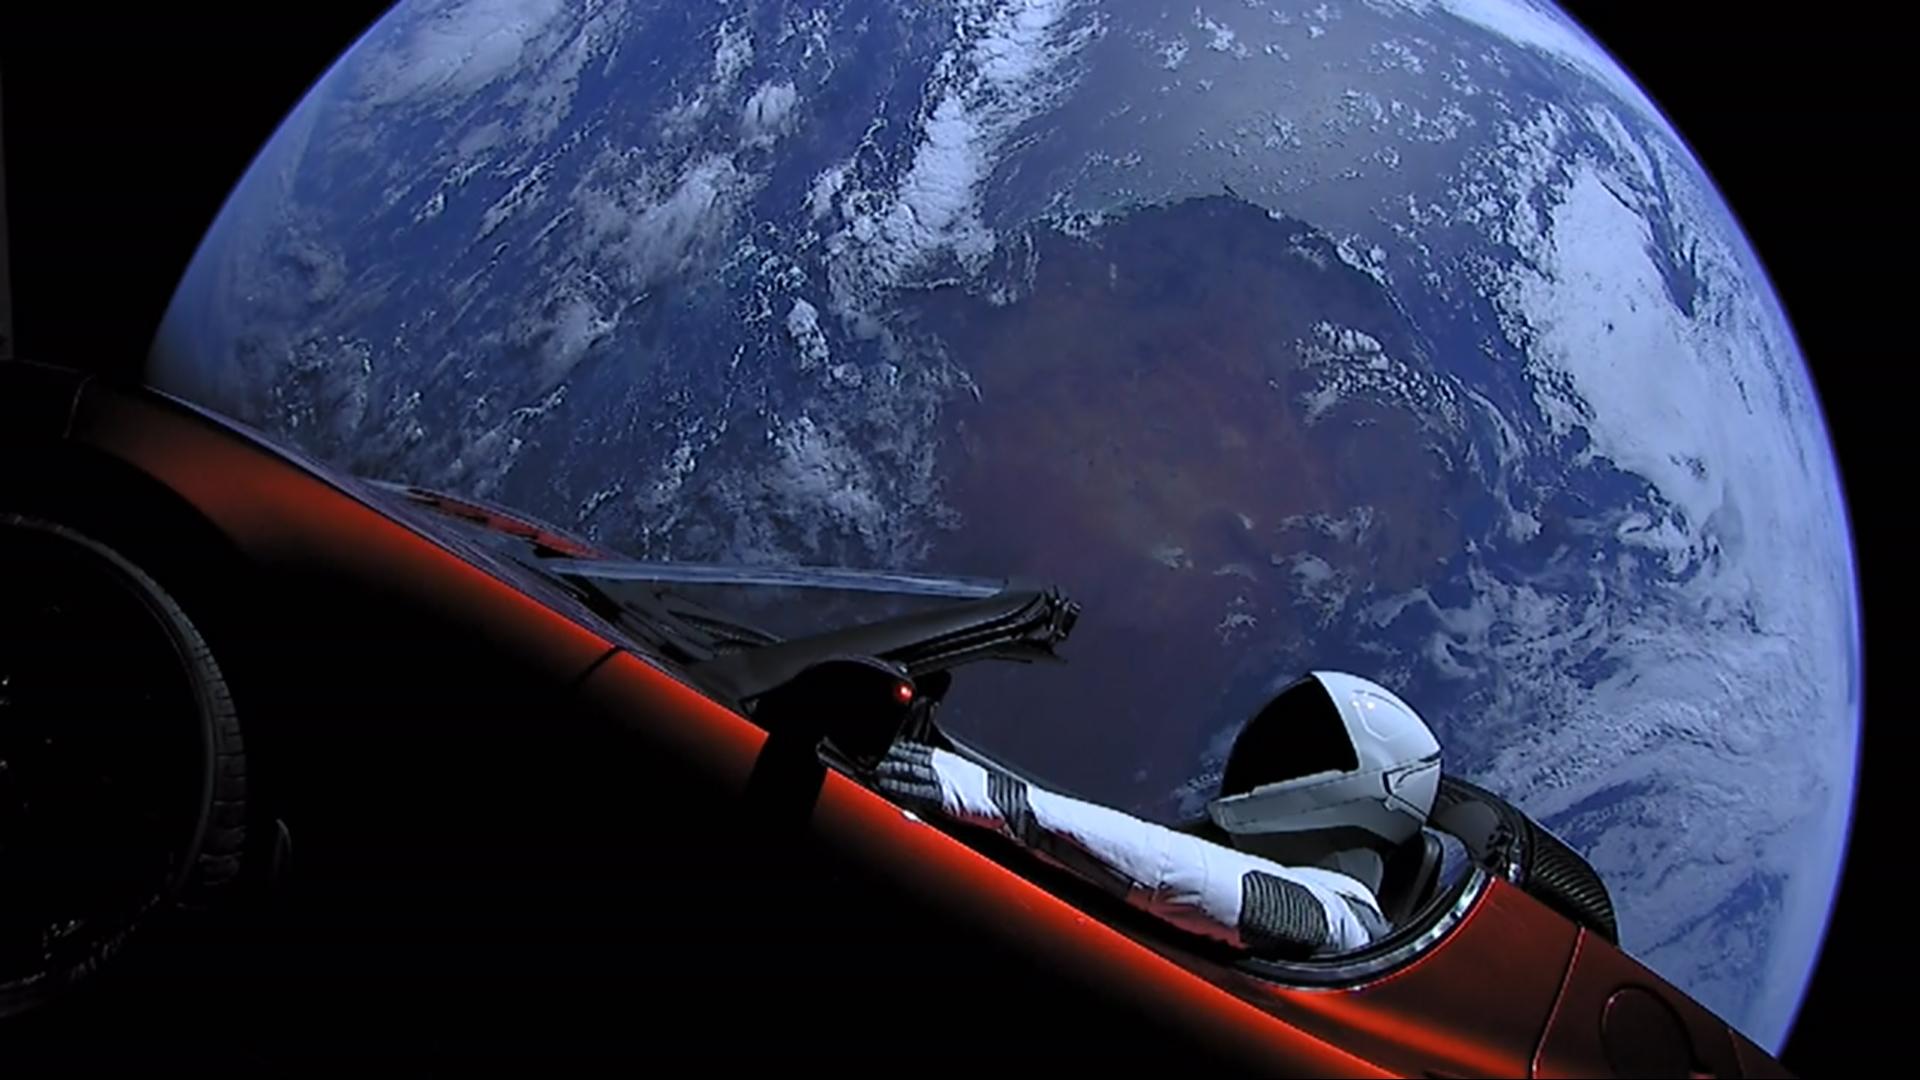 Ein Bild, das durch die Welt ging. Mit seinem Raumfahrtprogramm SpaceX schoss Elon Musk einen Tesla Roadster ins All. Besseres Marketing geht nicht.